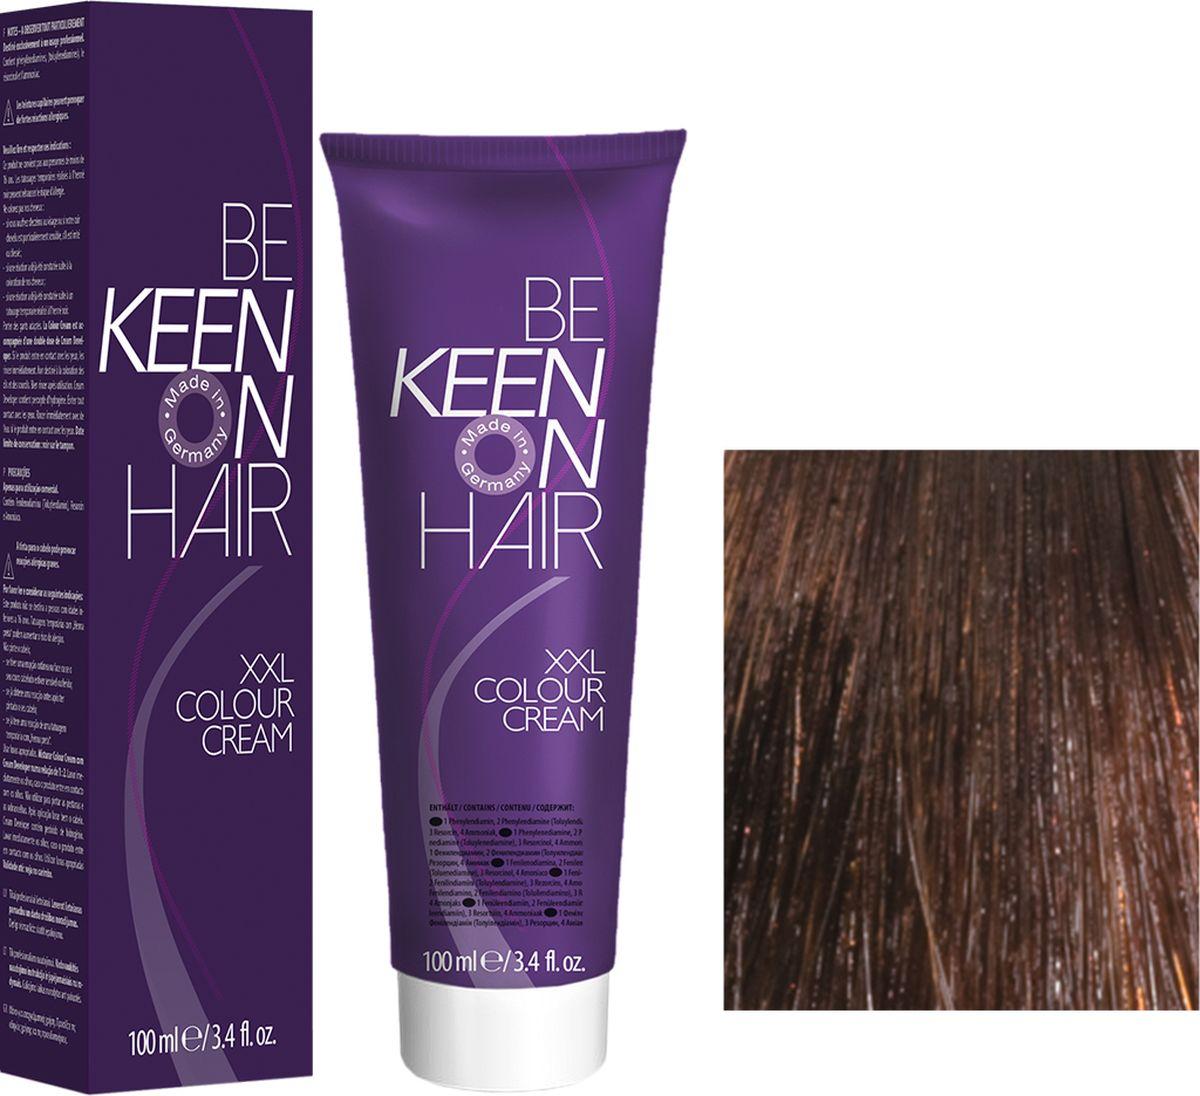 Keen Краска для волос 6.75 Темный палисандр Palisander Dunkel, 100 мл69100051Модные оттенкиБолее 100 оттенков для креативной комбинации цветов.ЭкономичностьПри использовании тюбика 100 мл вы получаете оптимальное соотношение цены и качества!УходМолочный белок поддерживает структуру волоса во время окрашивания и придает волосам блеск и шелковистость. Протеины хорошо встраиваются в волосы и снабжают их влагой.